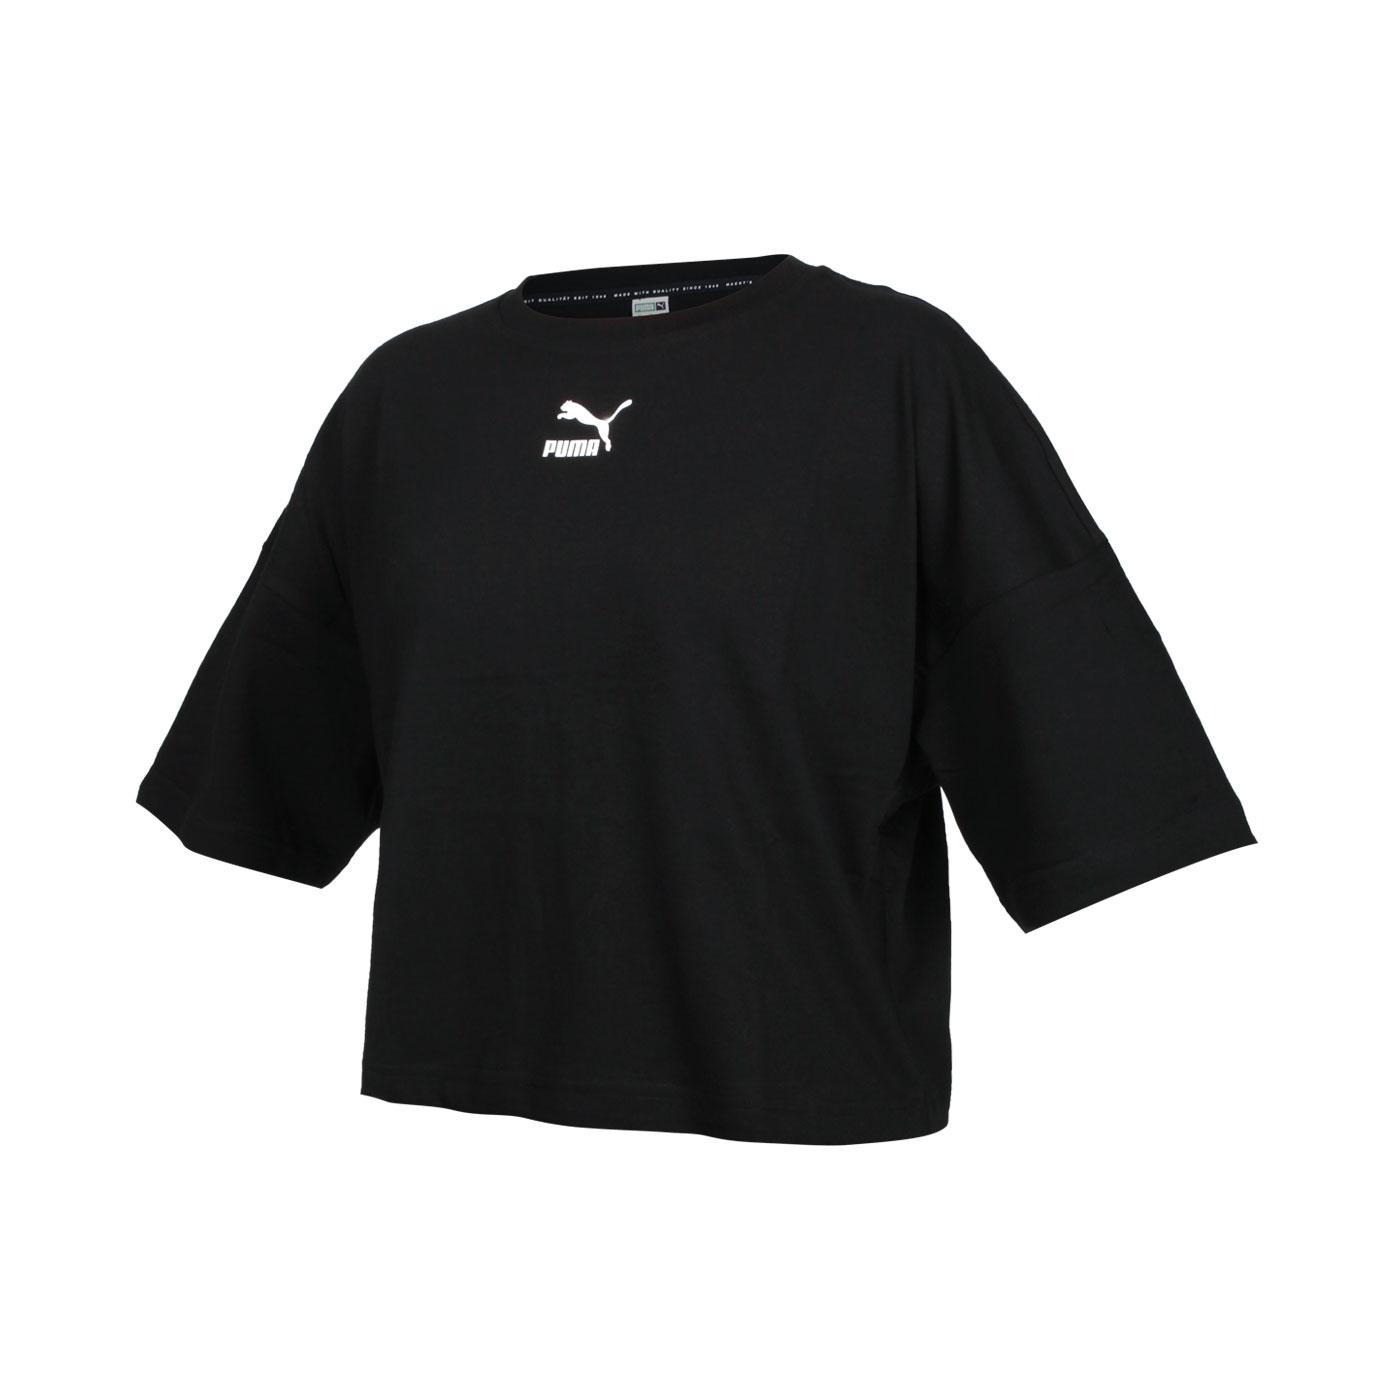 PUMA 女款短袖T恤 53169601